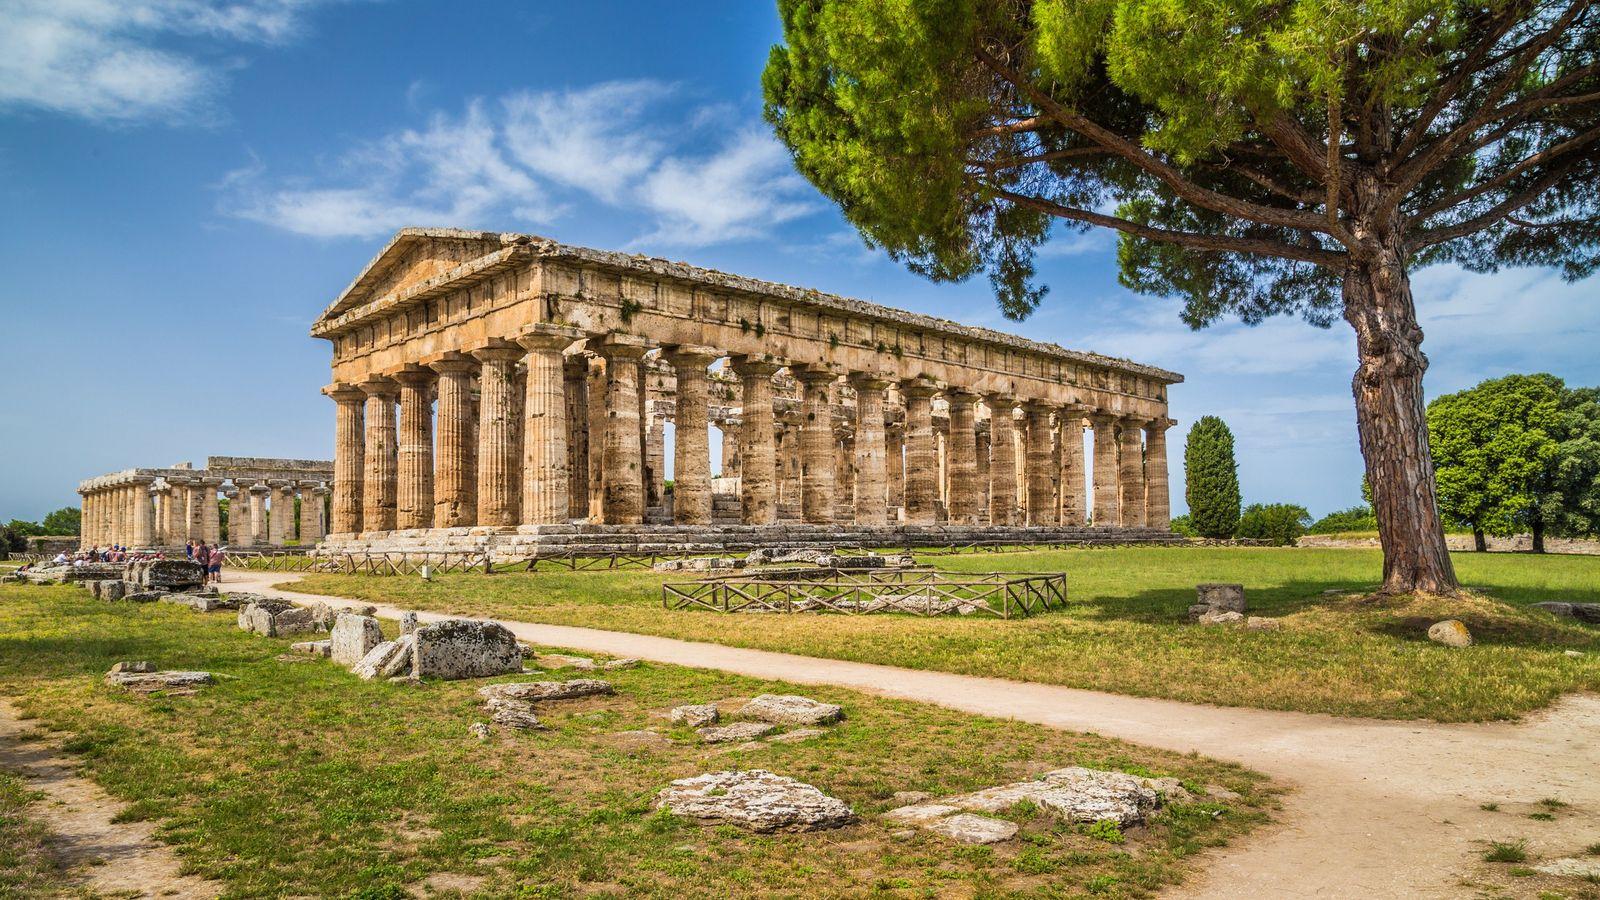 D'après certains auteurs, l'ordre dorique grec serait une simplification du feuillage du papyrus. Temple d'Héra à ...